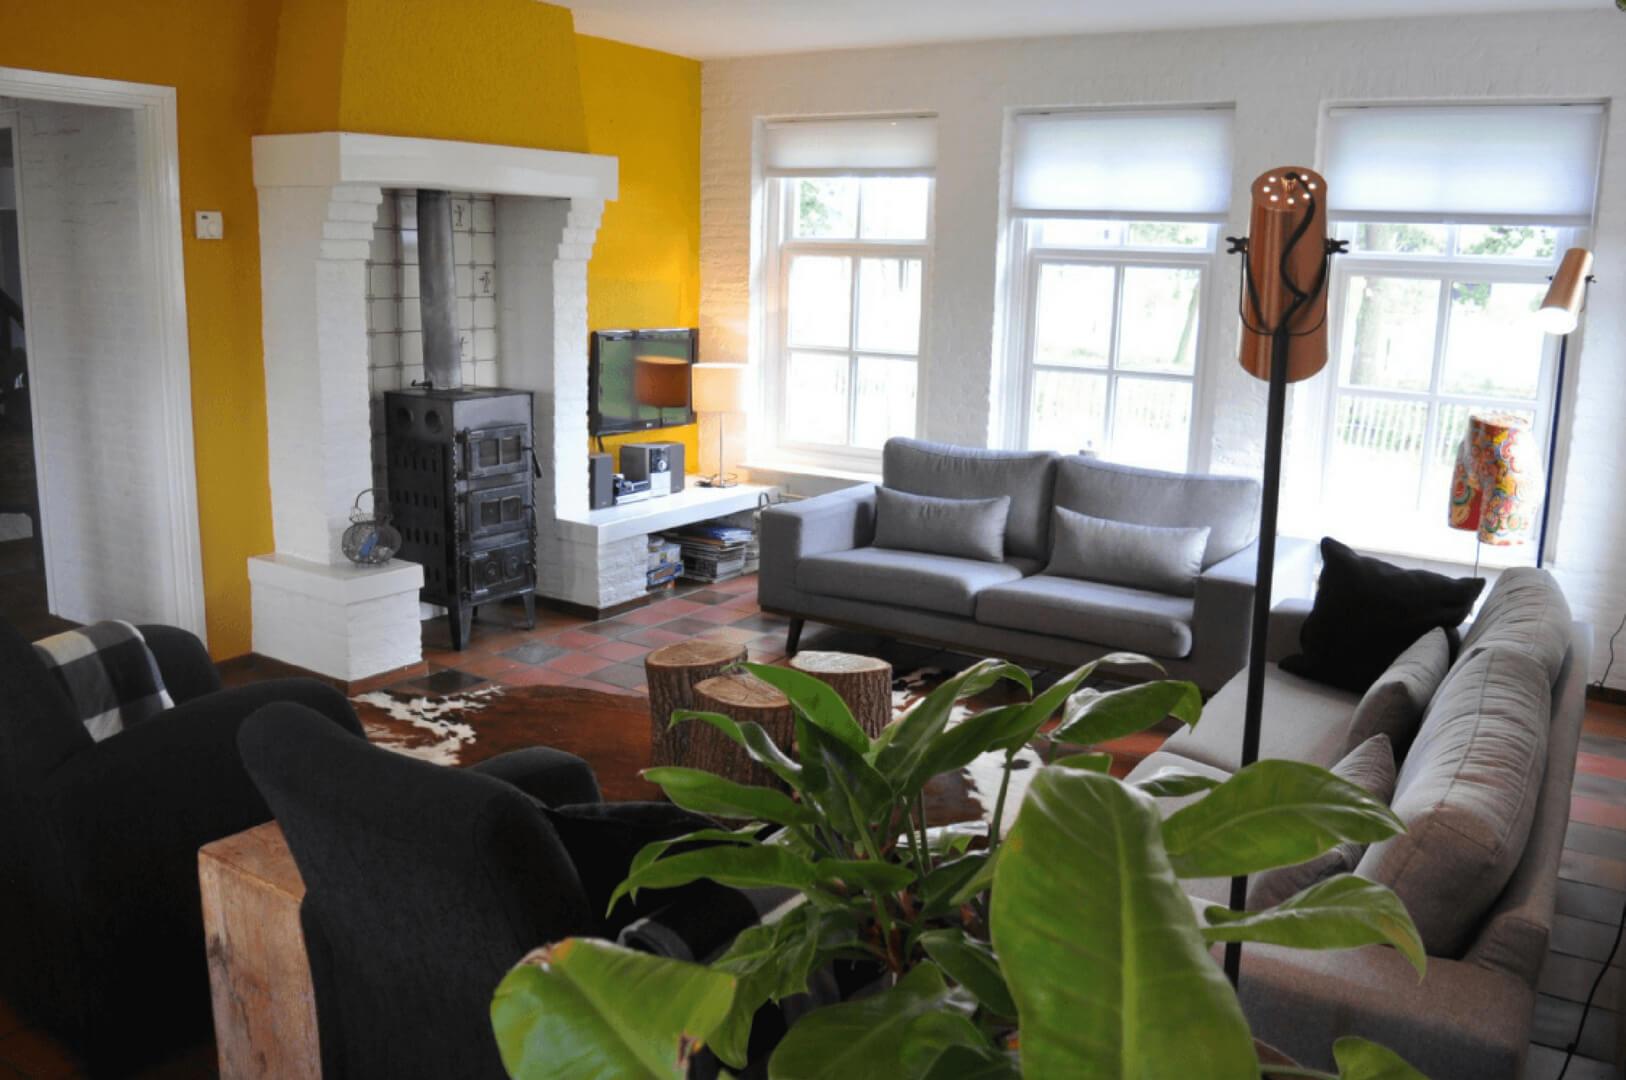 Dorpswoning De Plek - Villapparte - luxe vakantiehuis voor 10 personen - Noord Brabant - zithoek met houtkachel